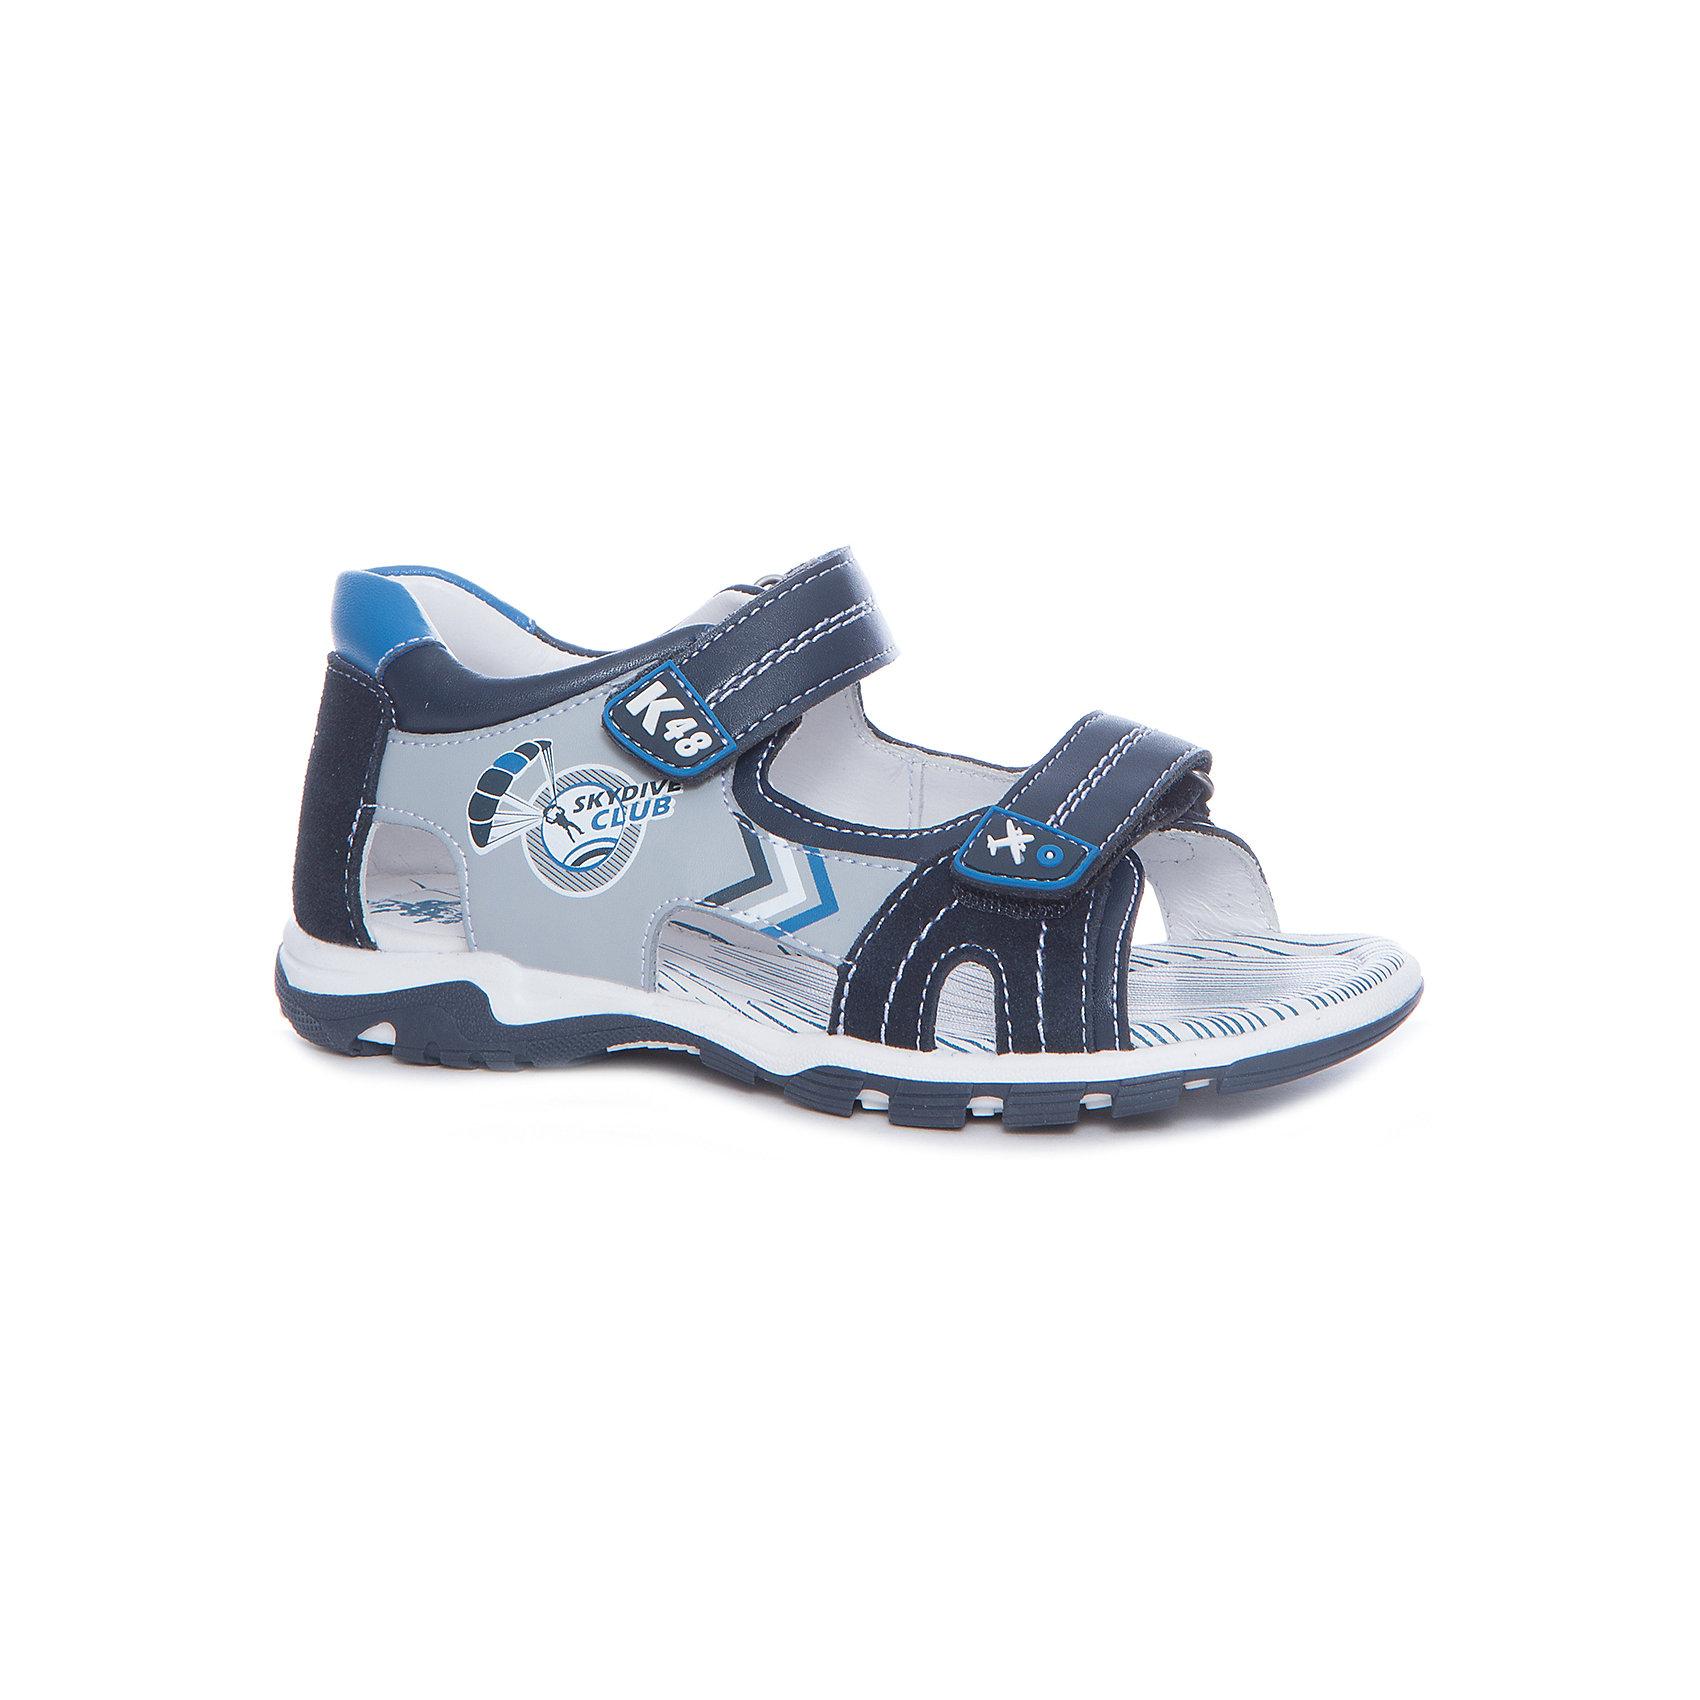 Сандалии для мальчика KAPIKA, синий, серыйСандалии<br>Характеристики товара:<br><br>• цвет: синий, серый<br>• тип сандалей: анатомические<br>• внешний материал обуви: натуральная кожа, экокожа<br>• внутренний материал: натуральная кожа<br>• стелька: натуральная кожа<br>• подошва: ТЭП<br>• с открытым мысом<br>• тип застежки: на липучке<br>• сезон: лето<br>• страна бренда: Россия<br>• страна изготовитель: Китай<br><br>Сандалии открытые для мальчика от российского бренда Kapika (Капика) можно купить в нашем интернет-магазине.<br><br>Ширина мм: 227<br>Глубина мм: 145<br>Высота мм: 124<br>Вес г: 325<br>Цвет: серый/синий<br>Возраст от месяцев: 72<br>Возраст до месяцев: 84<br>Пол: Мужской<br>Возраст: Детский<br>Размер: 30,33,32,31<br>SKU: 5323946